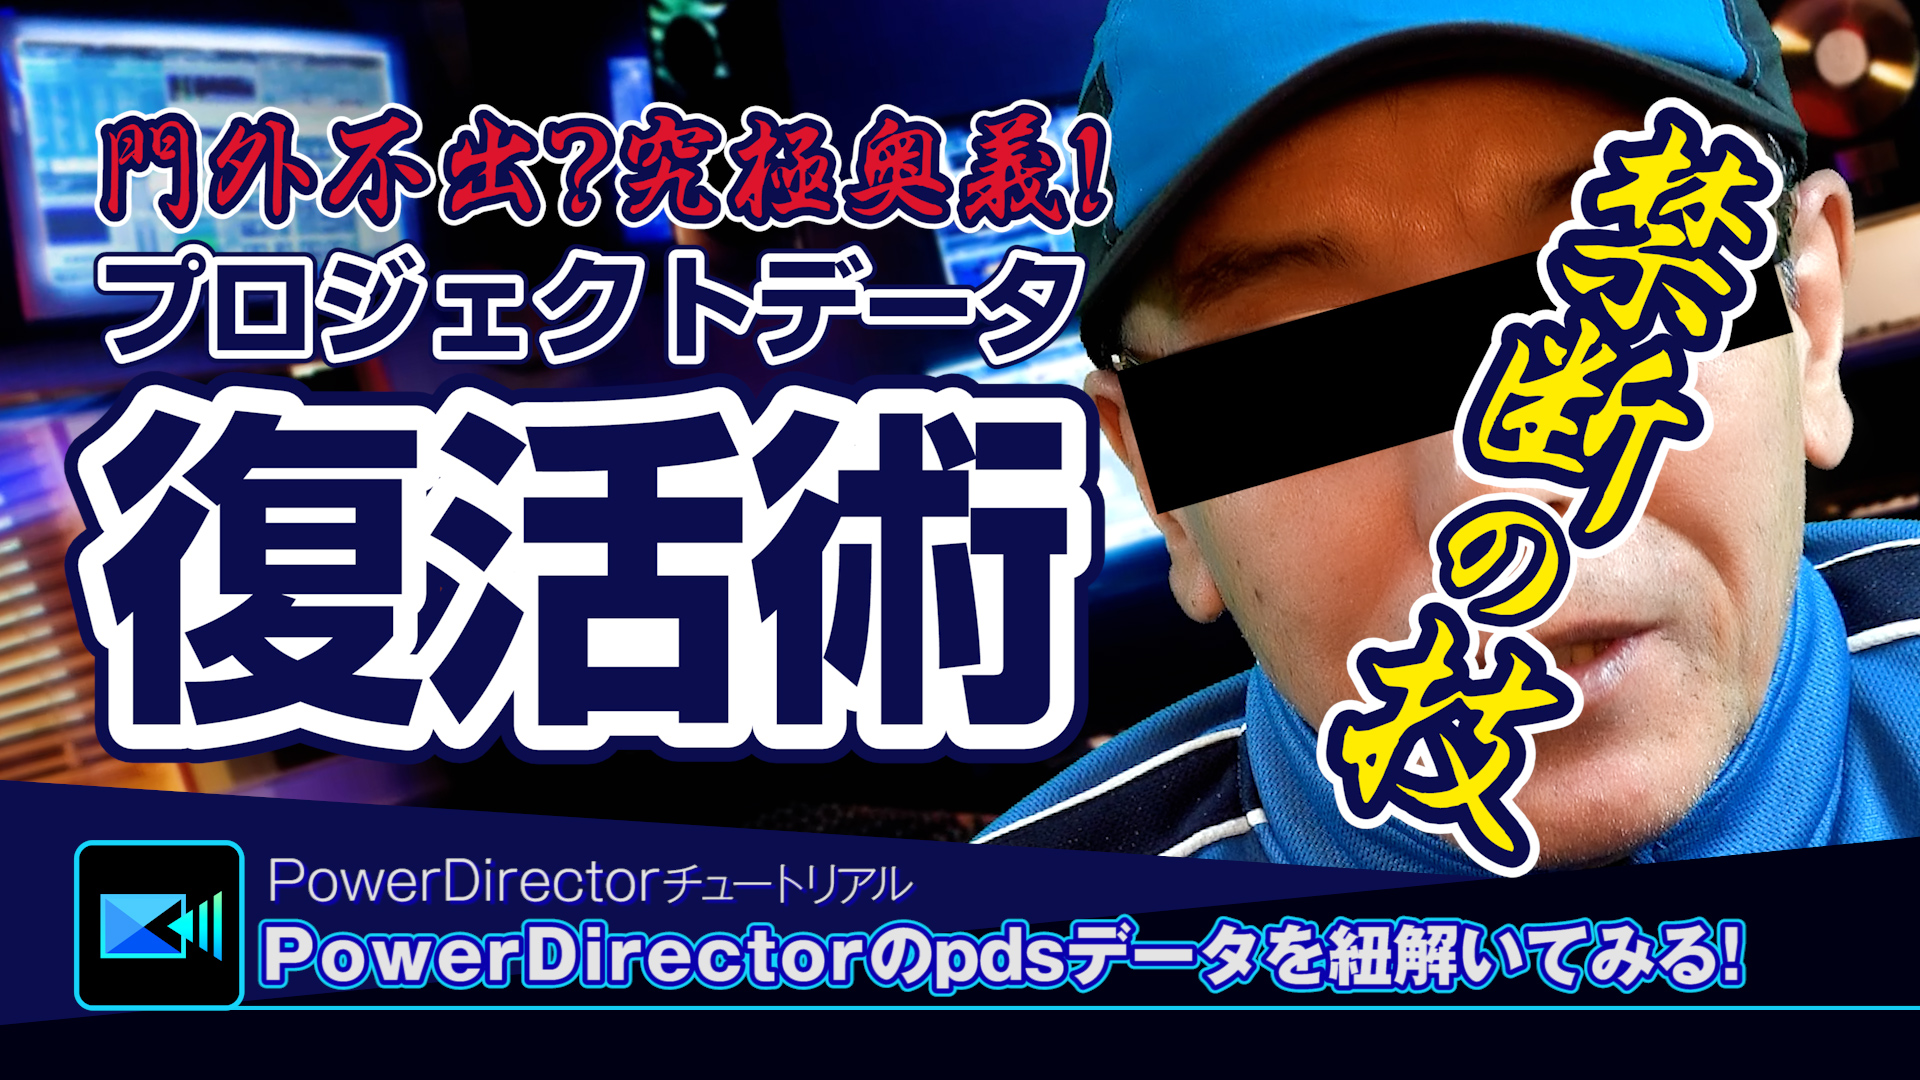 PowerDirectorプロジェクトデータ復活術 - 禁断の究極奥義 - 取扱いにご注意ください!